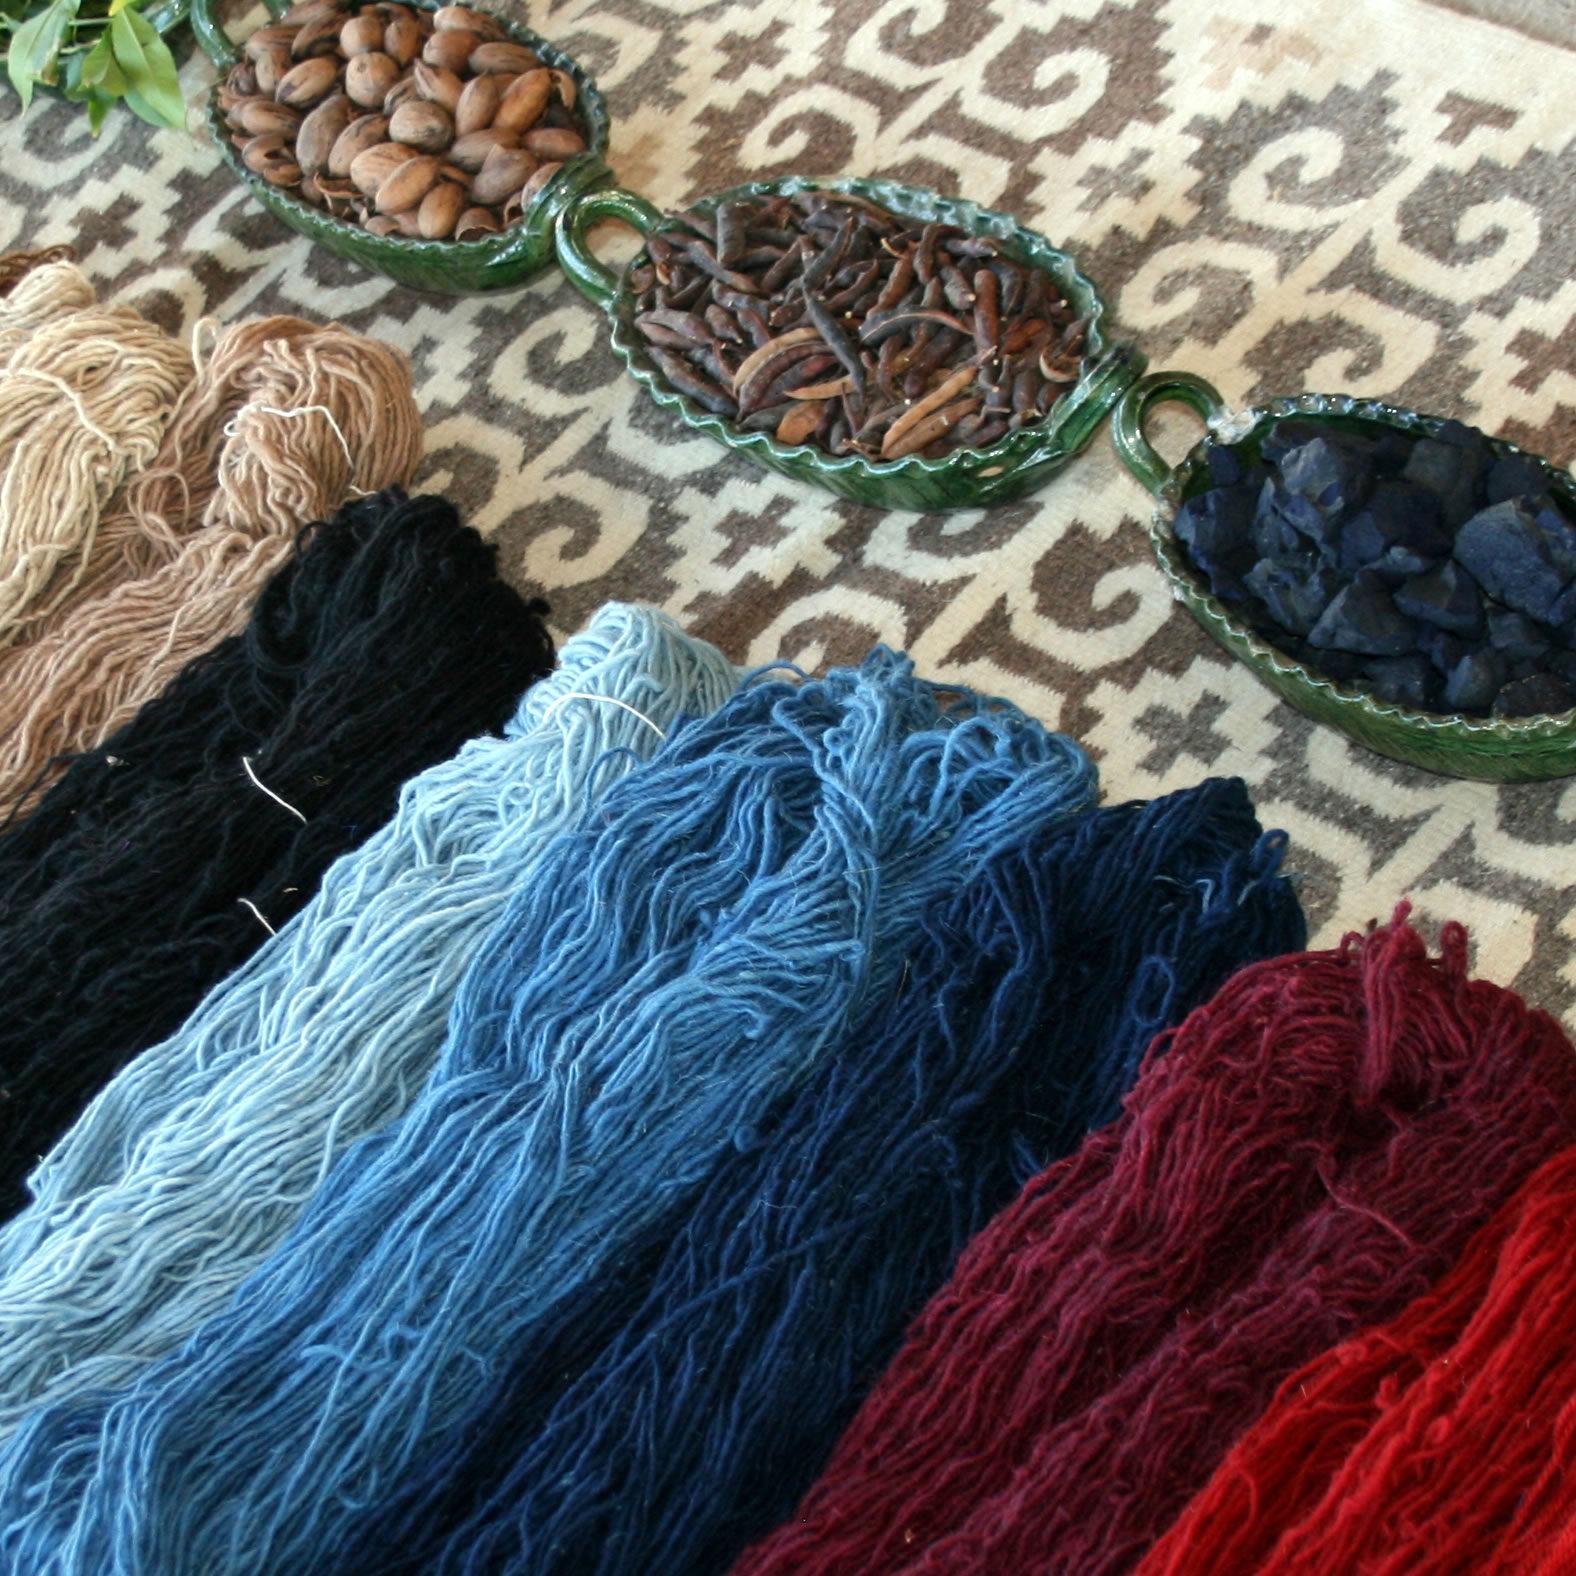 rugs-teotitlan-oaxaca-el-tono-de-la-cochinilla-gallery-21